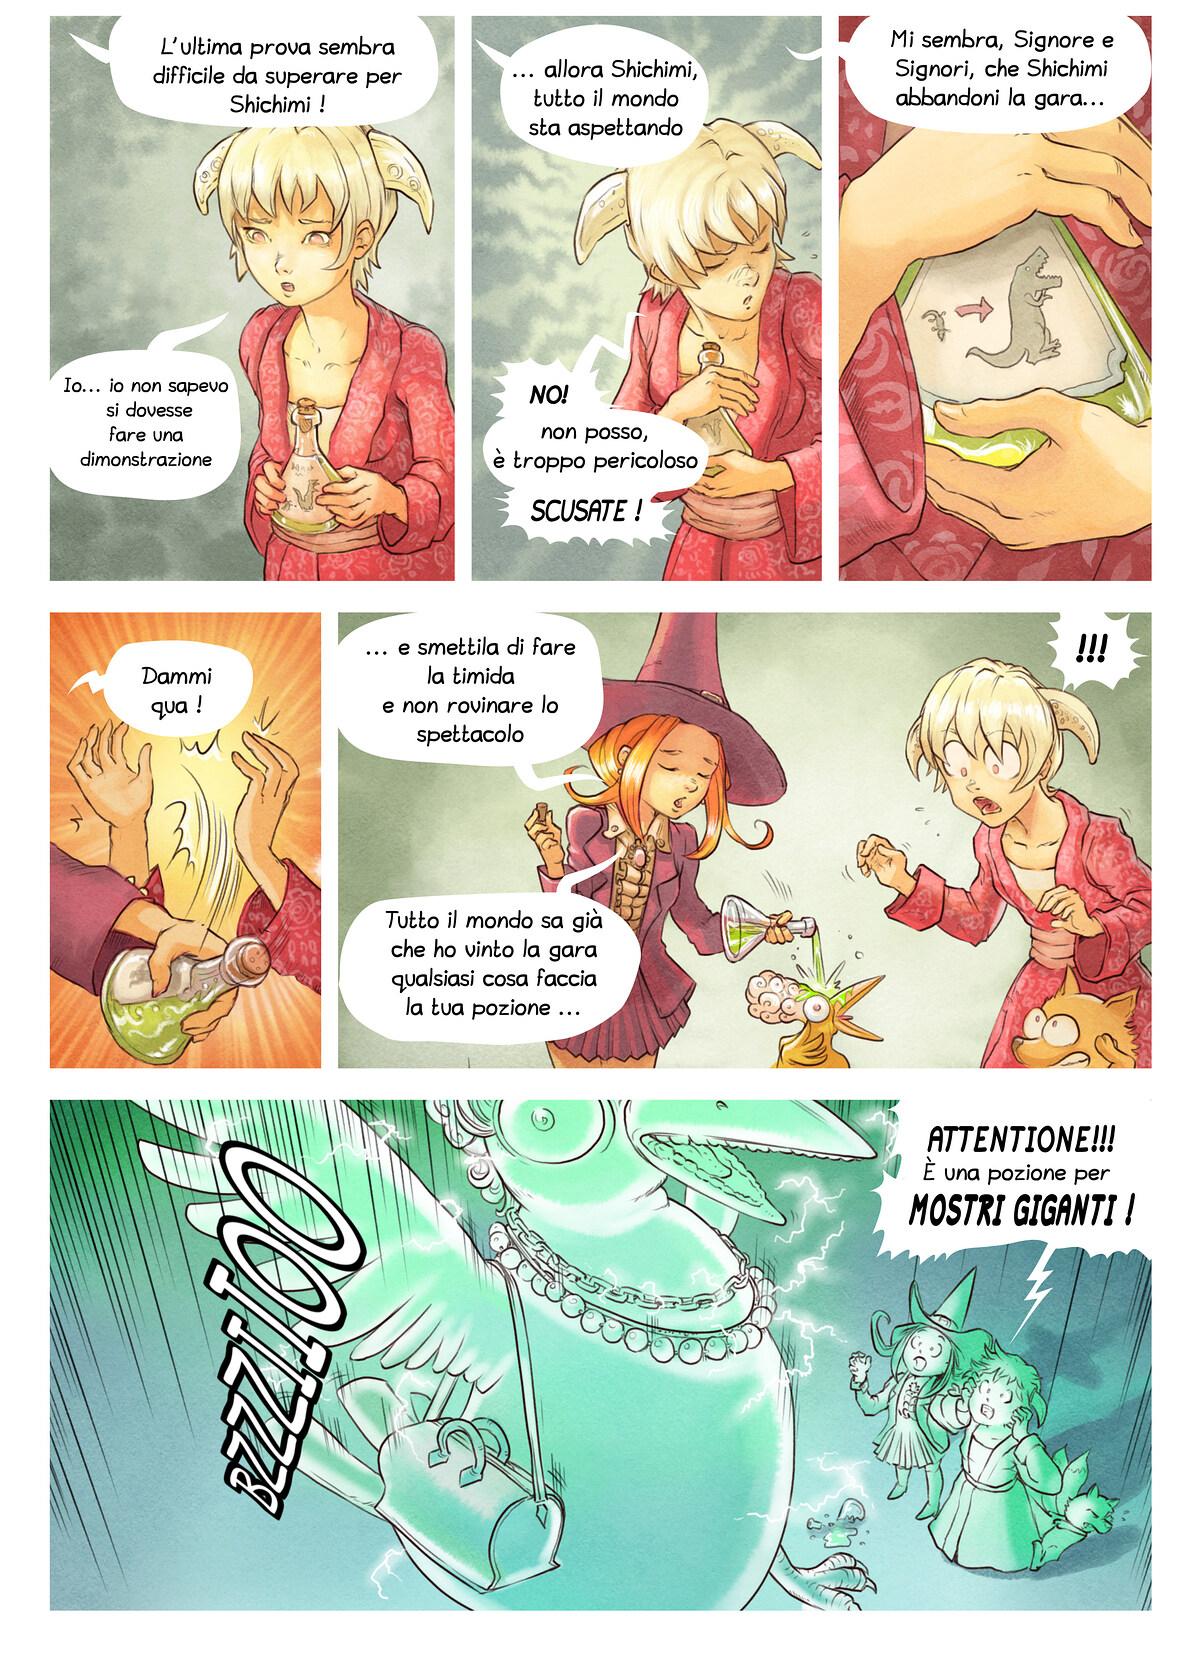 Episodio 6: La Gara delle Pozioni, Page 6